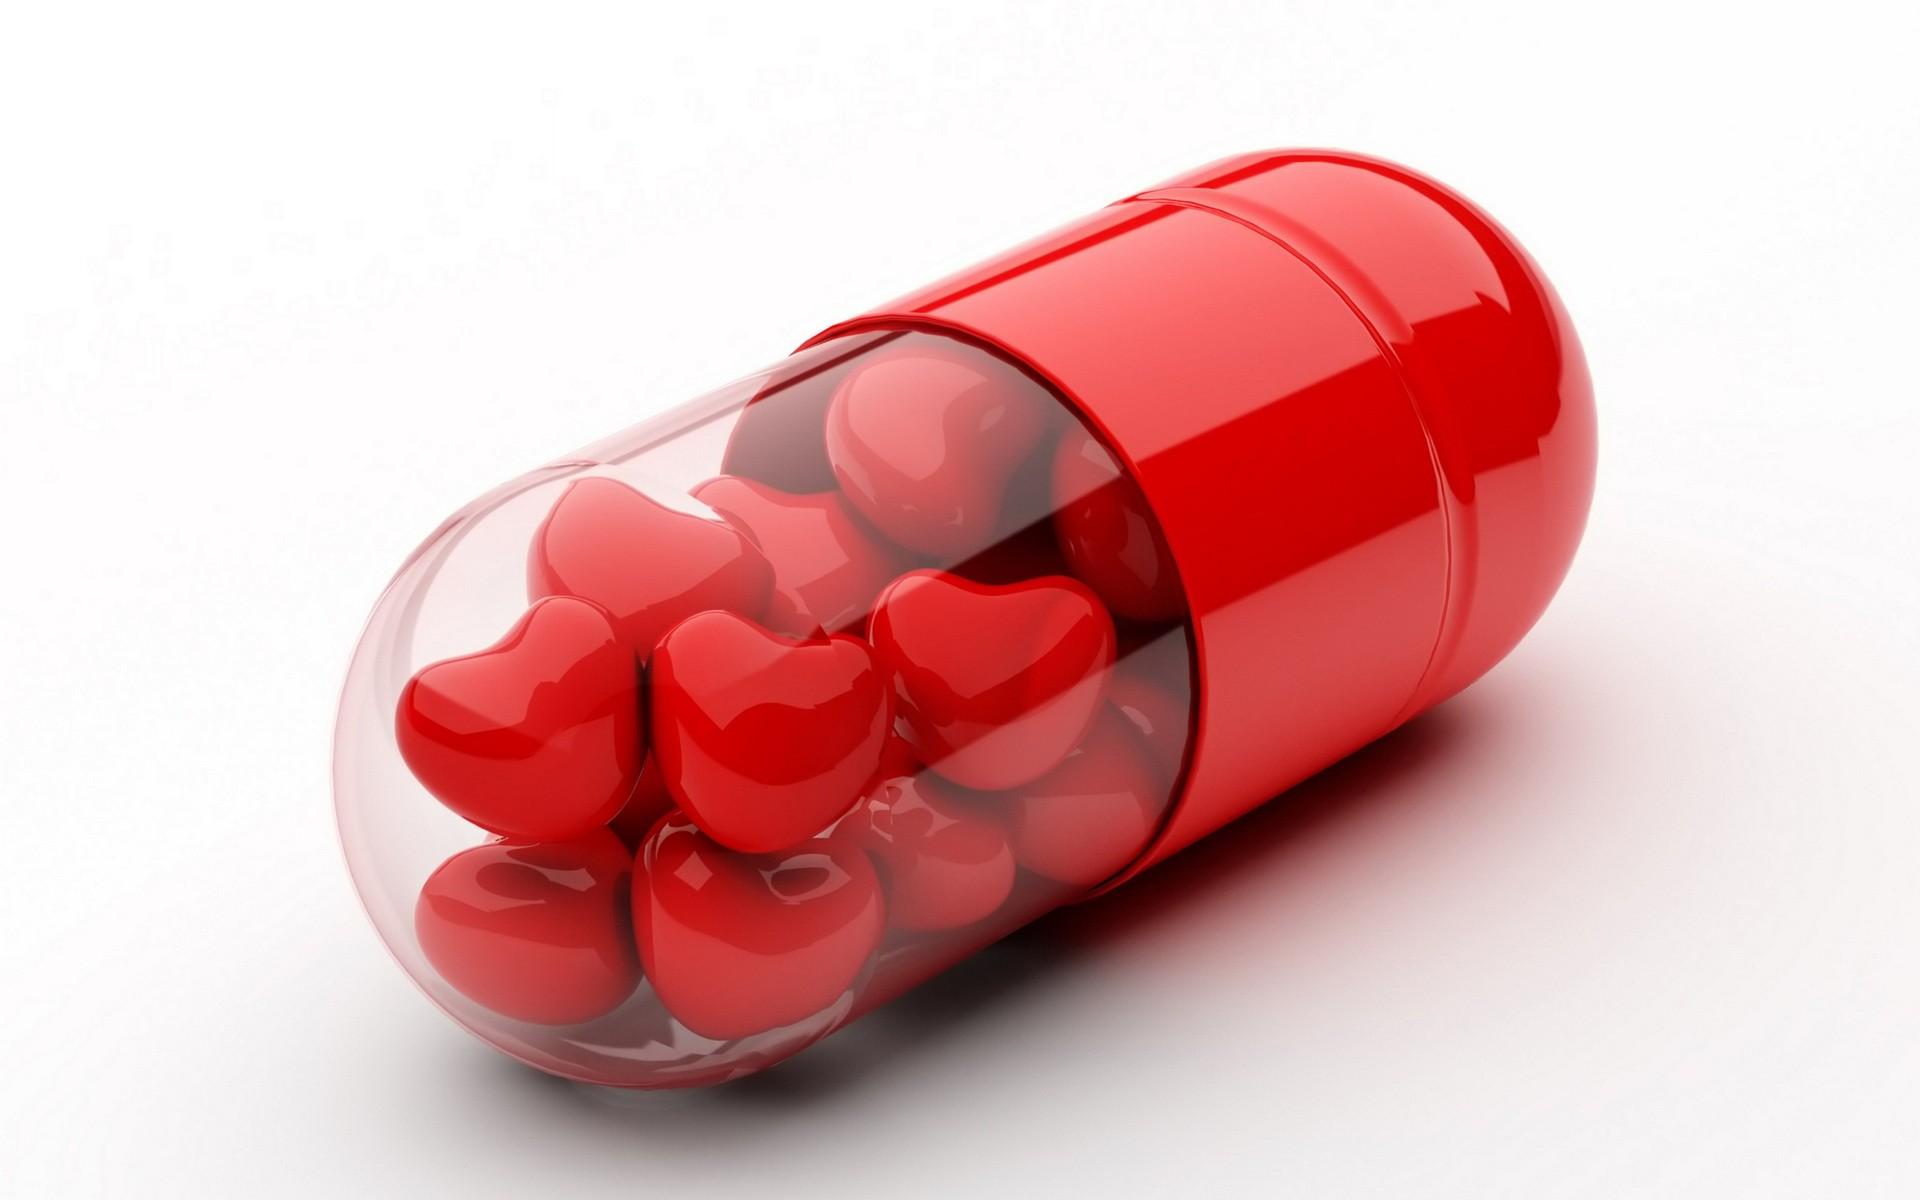 препараты метформина для похудения